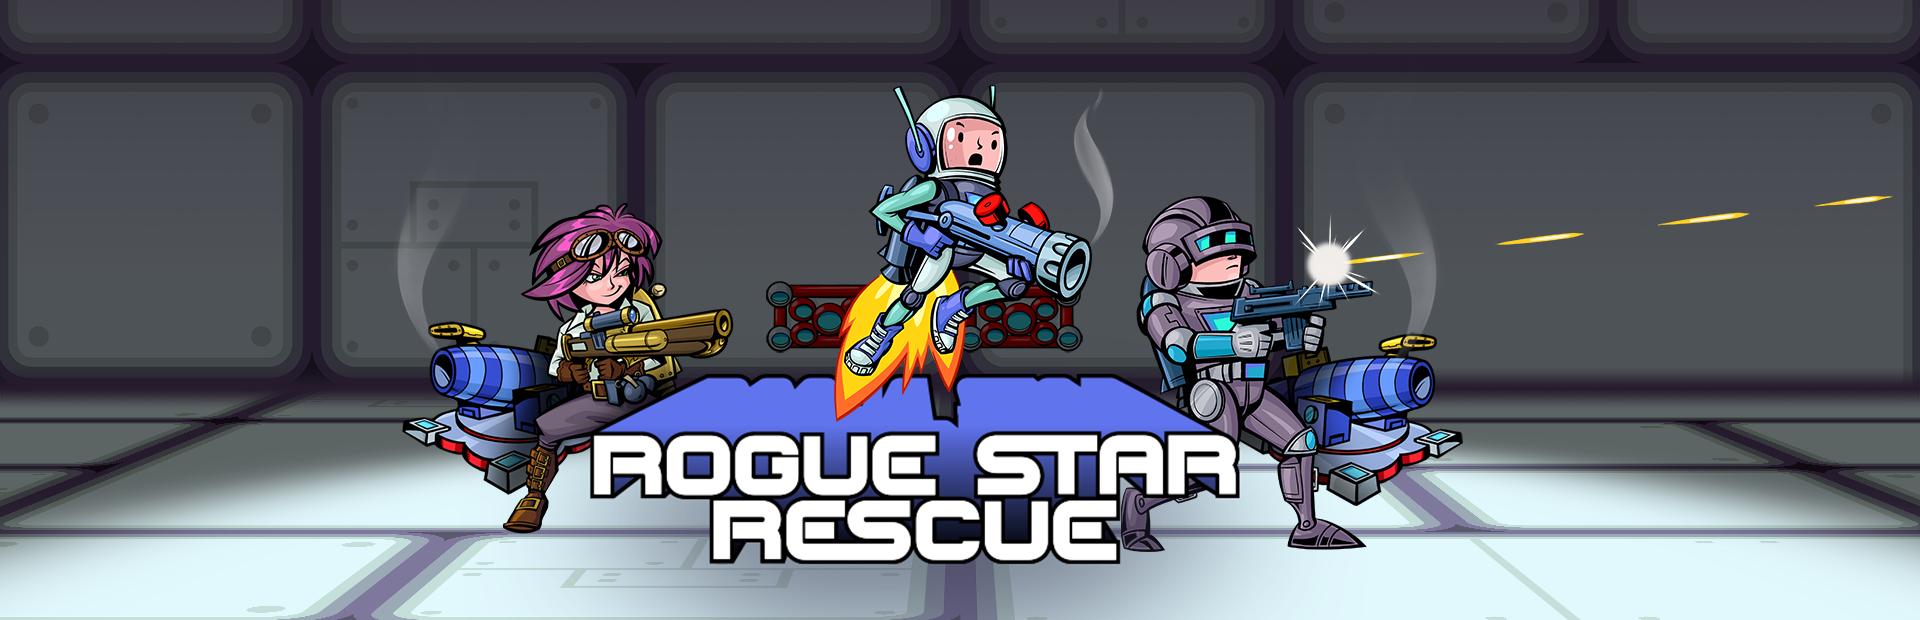 Rogue Star Rescue: Prelude